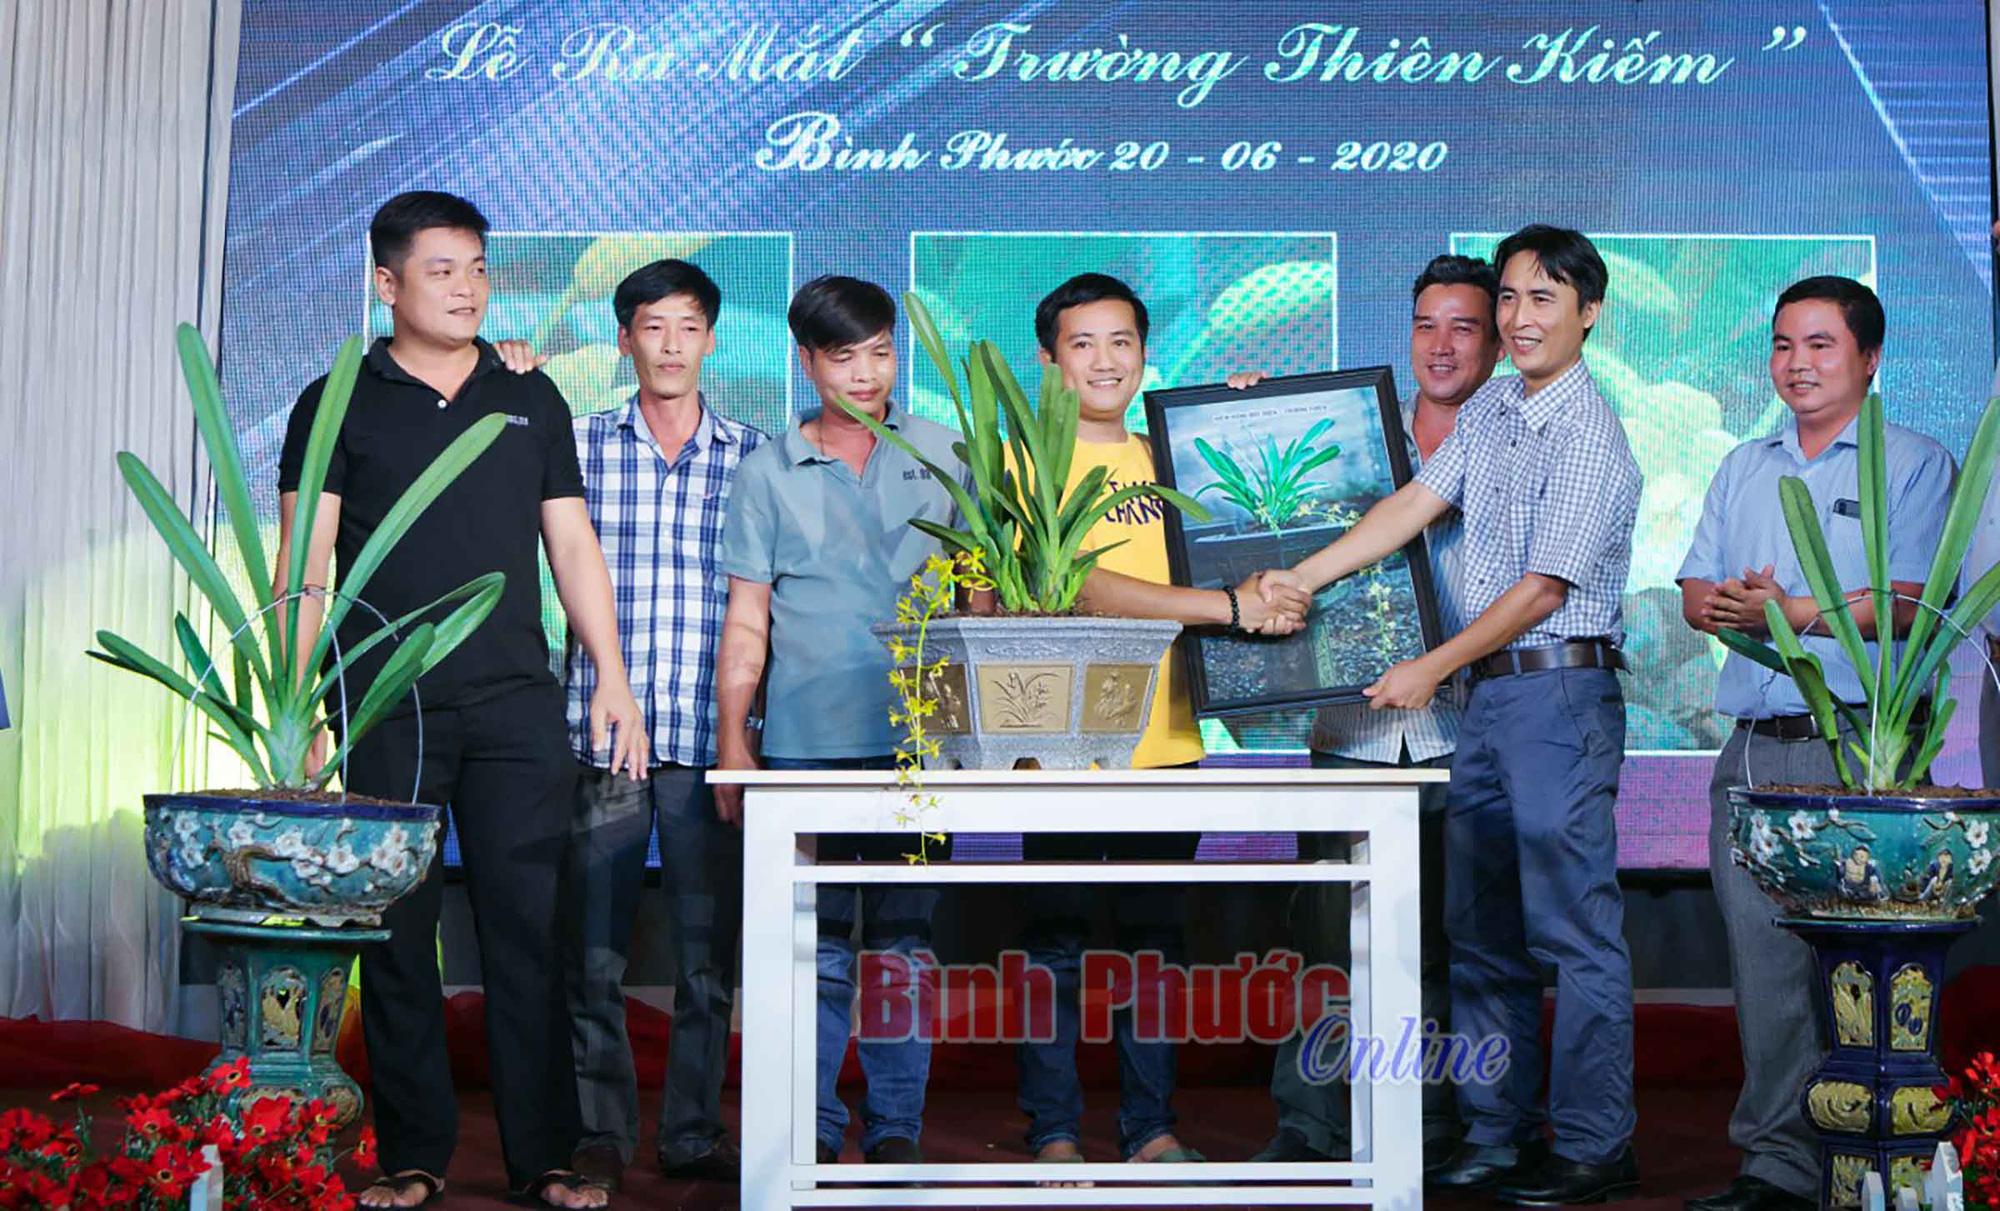 2 chậu lan kiếm đột biến quý hiếm vừa bán đấu giá thành công với mức giá 400 triệu ở Bình Phước - Ảnh 1.